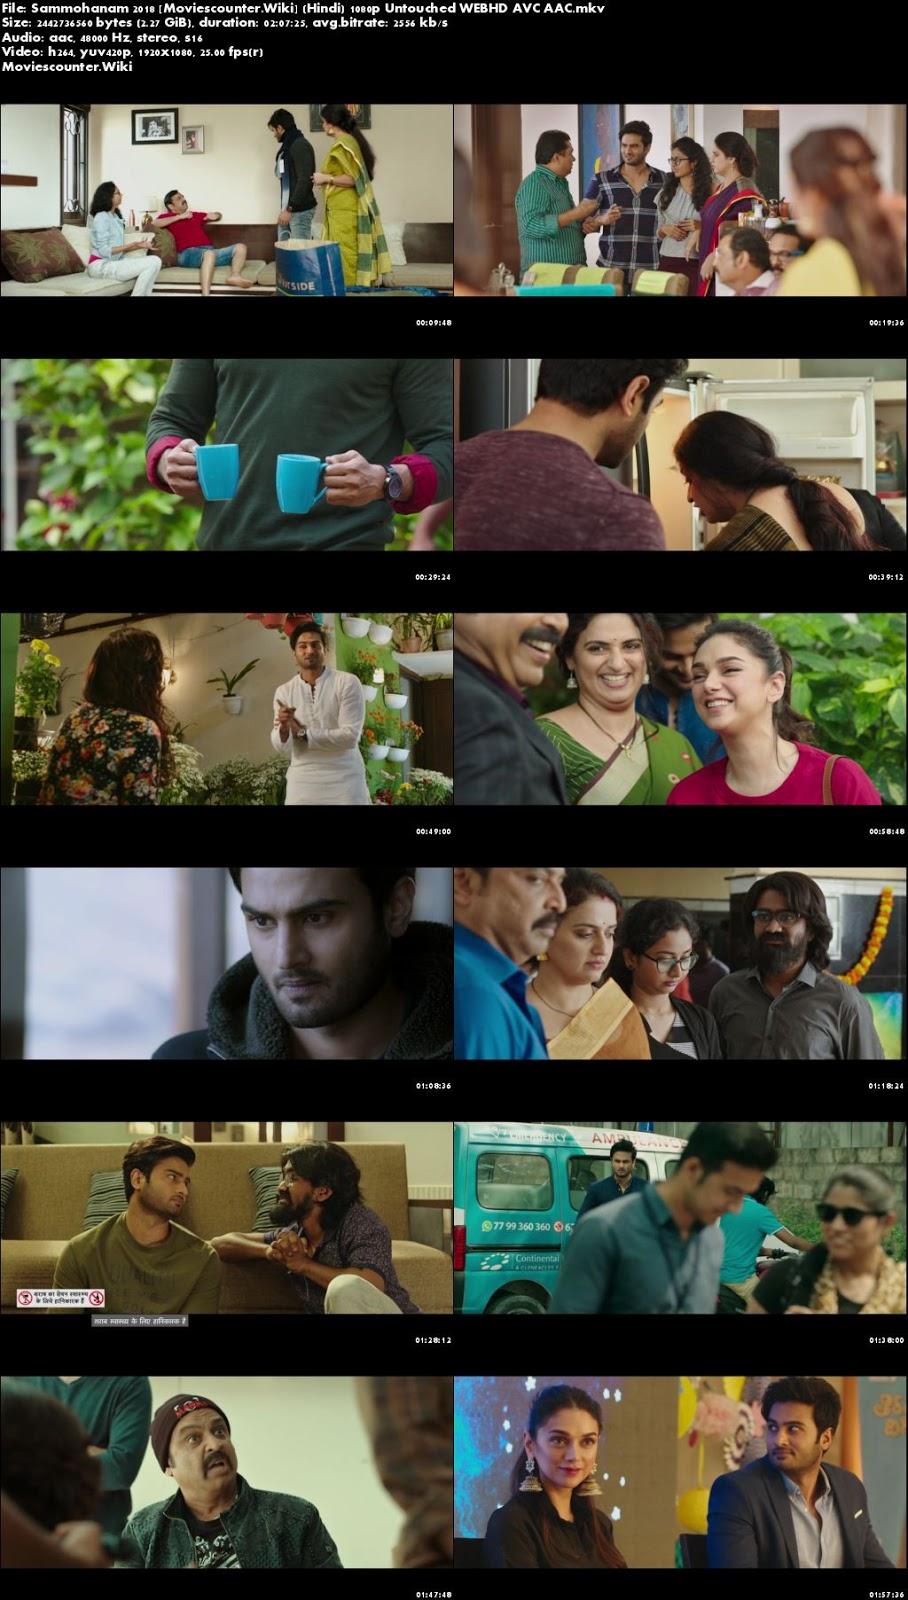 Screen Shots Sammohanam 2018 Hindi Dubbed HD 1080p